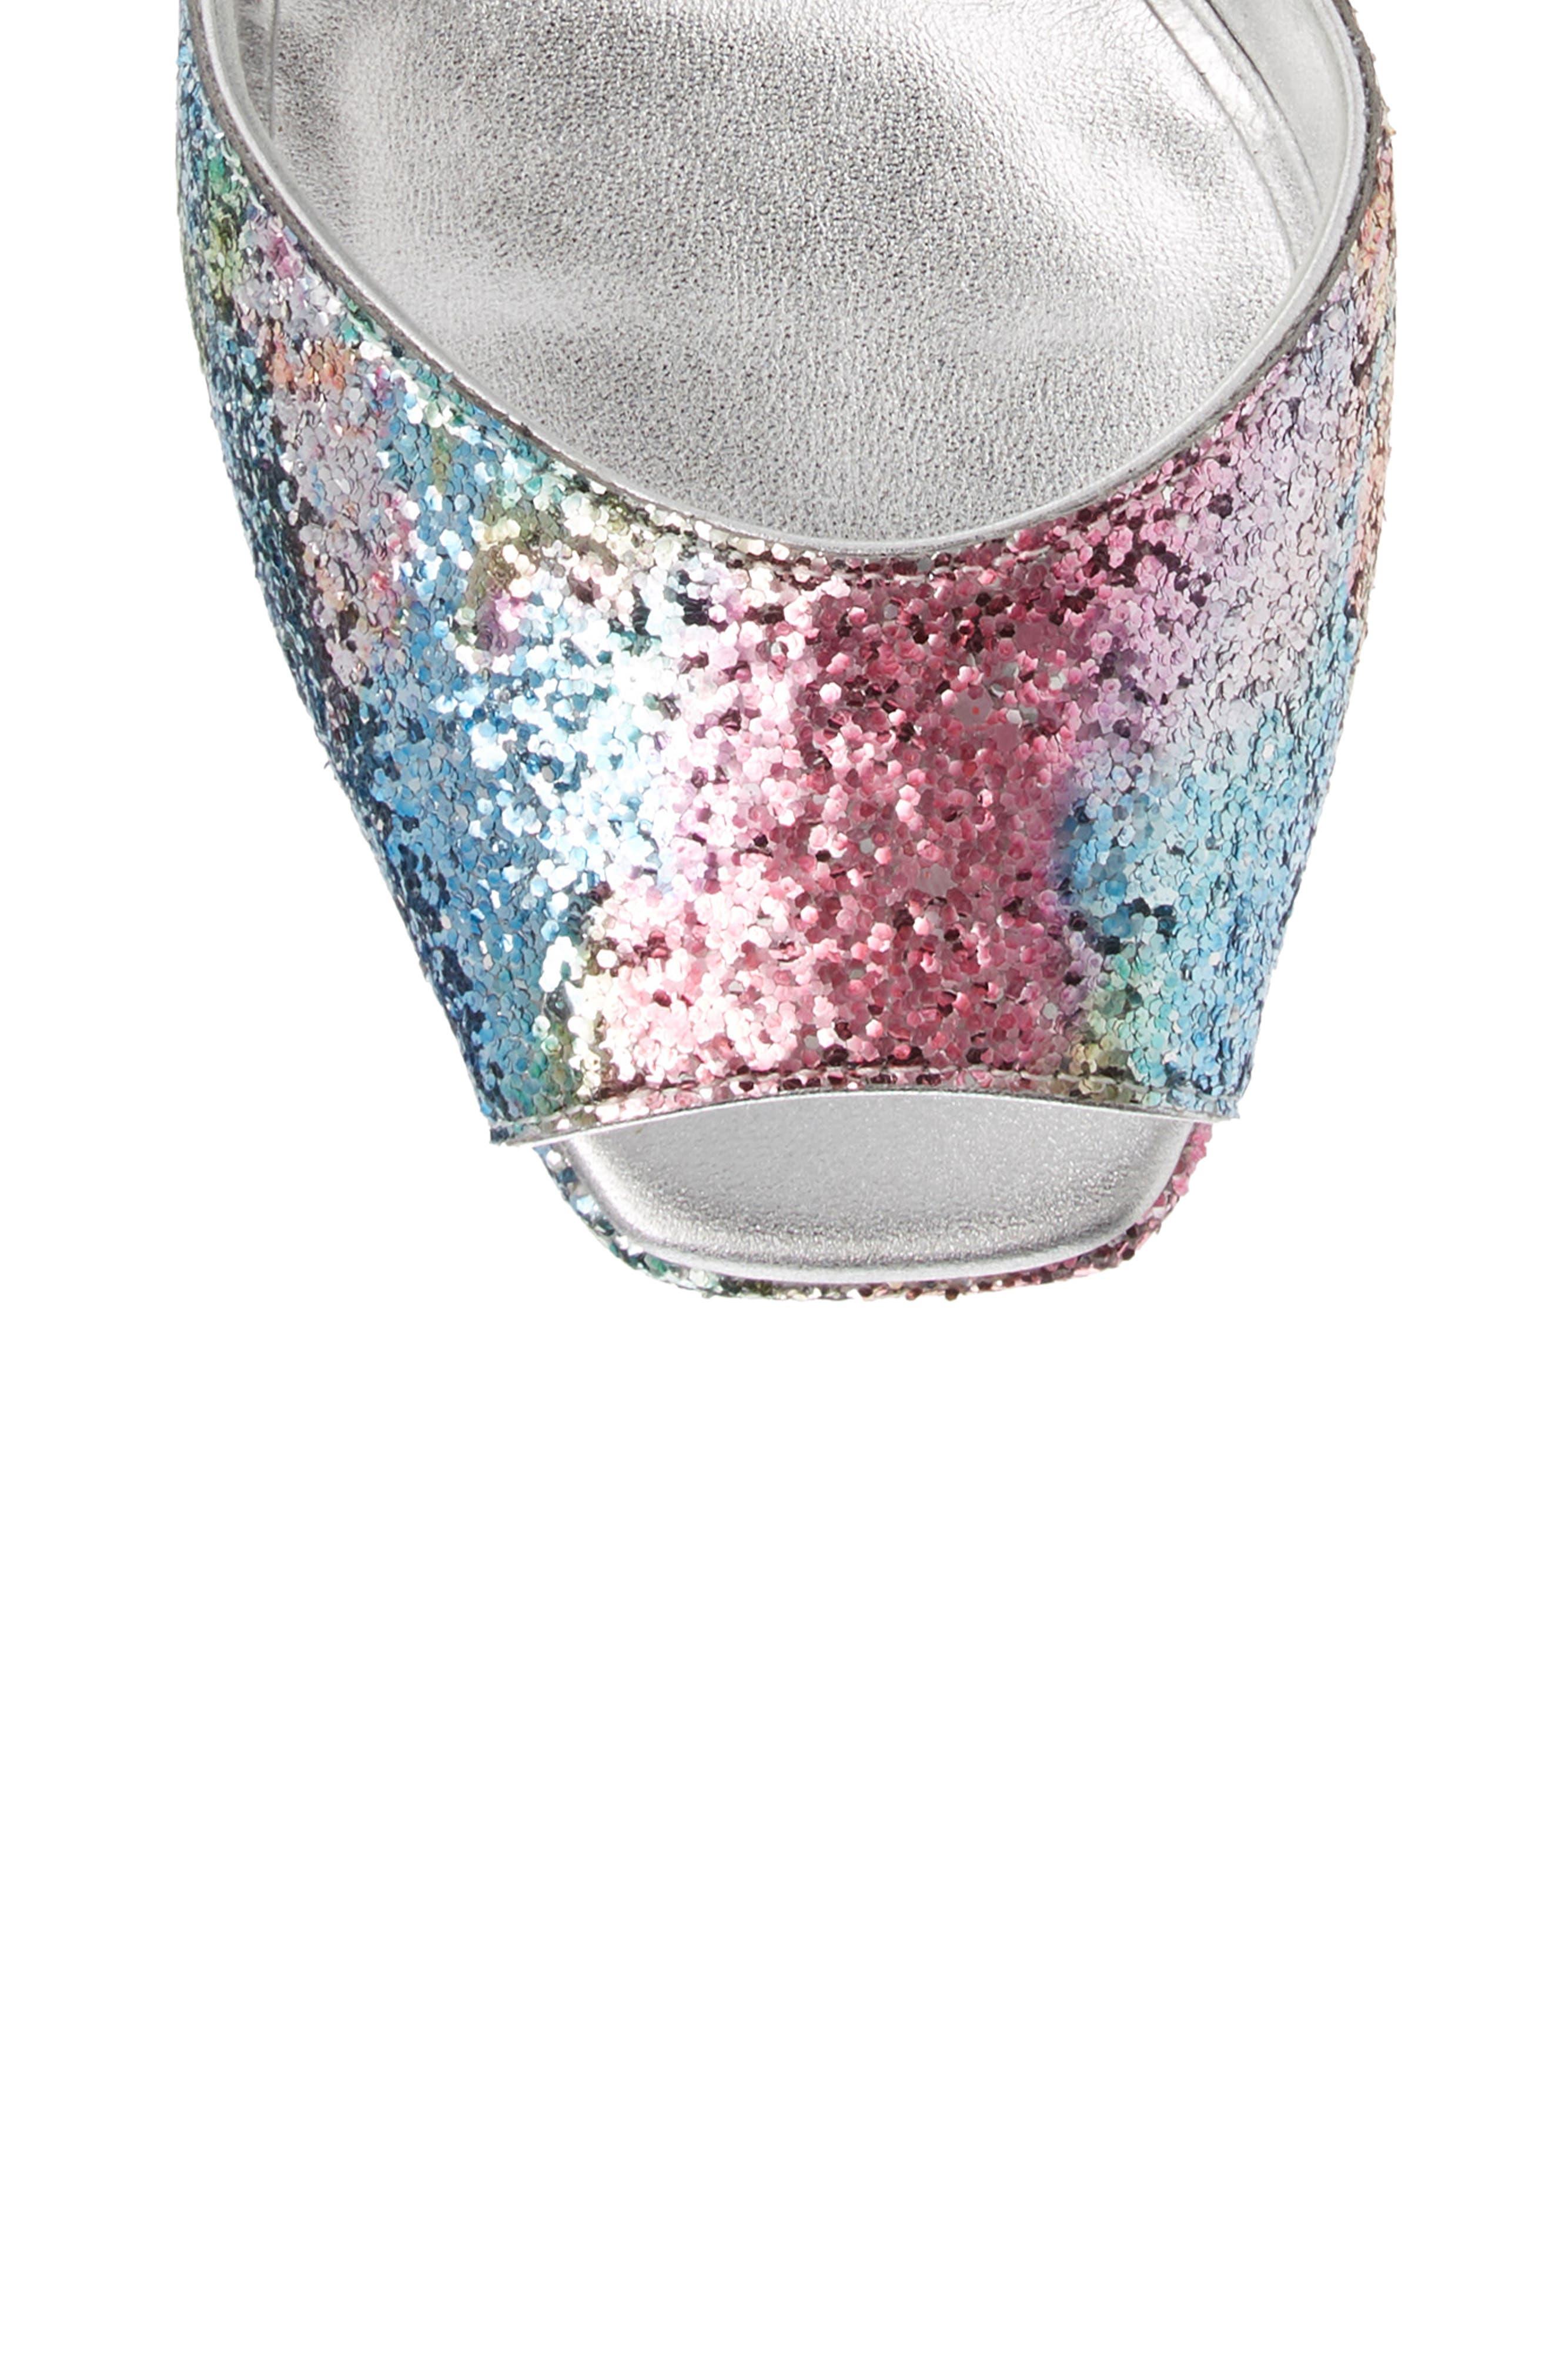 GIUSEPPE ZANOTTI, Lavinia Platform Sandal, Alternate thumbnail 5, color, MULTI GLITTER